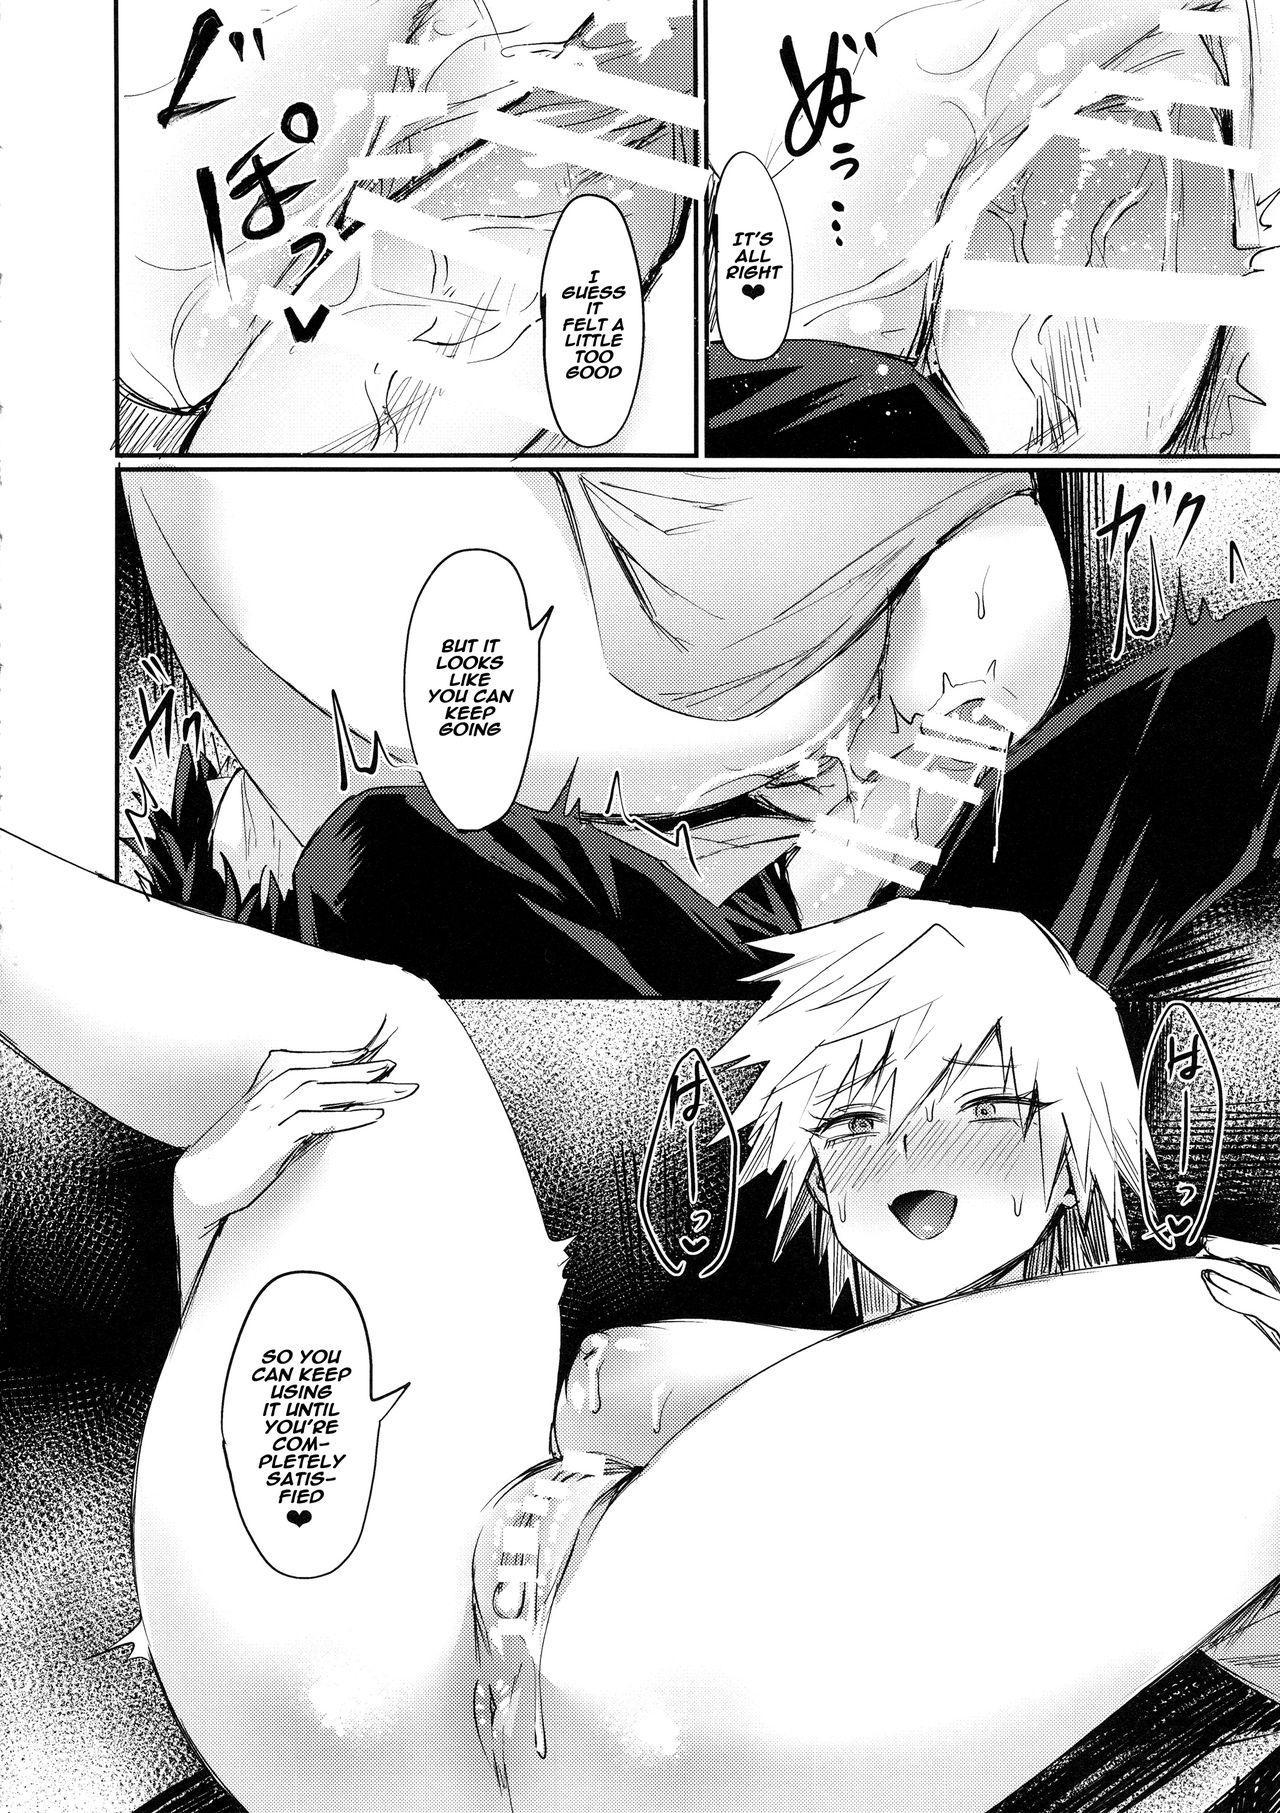 Mitsuki-san no Bosei ni Oshitsubusaresou desu 16